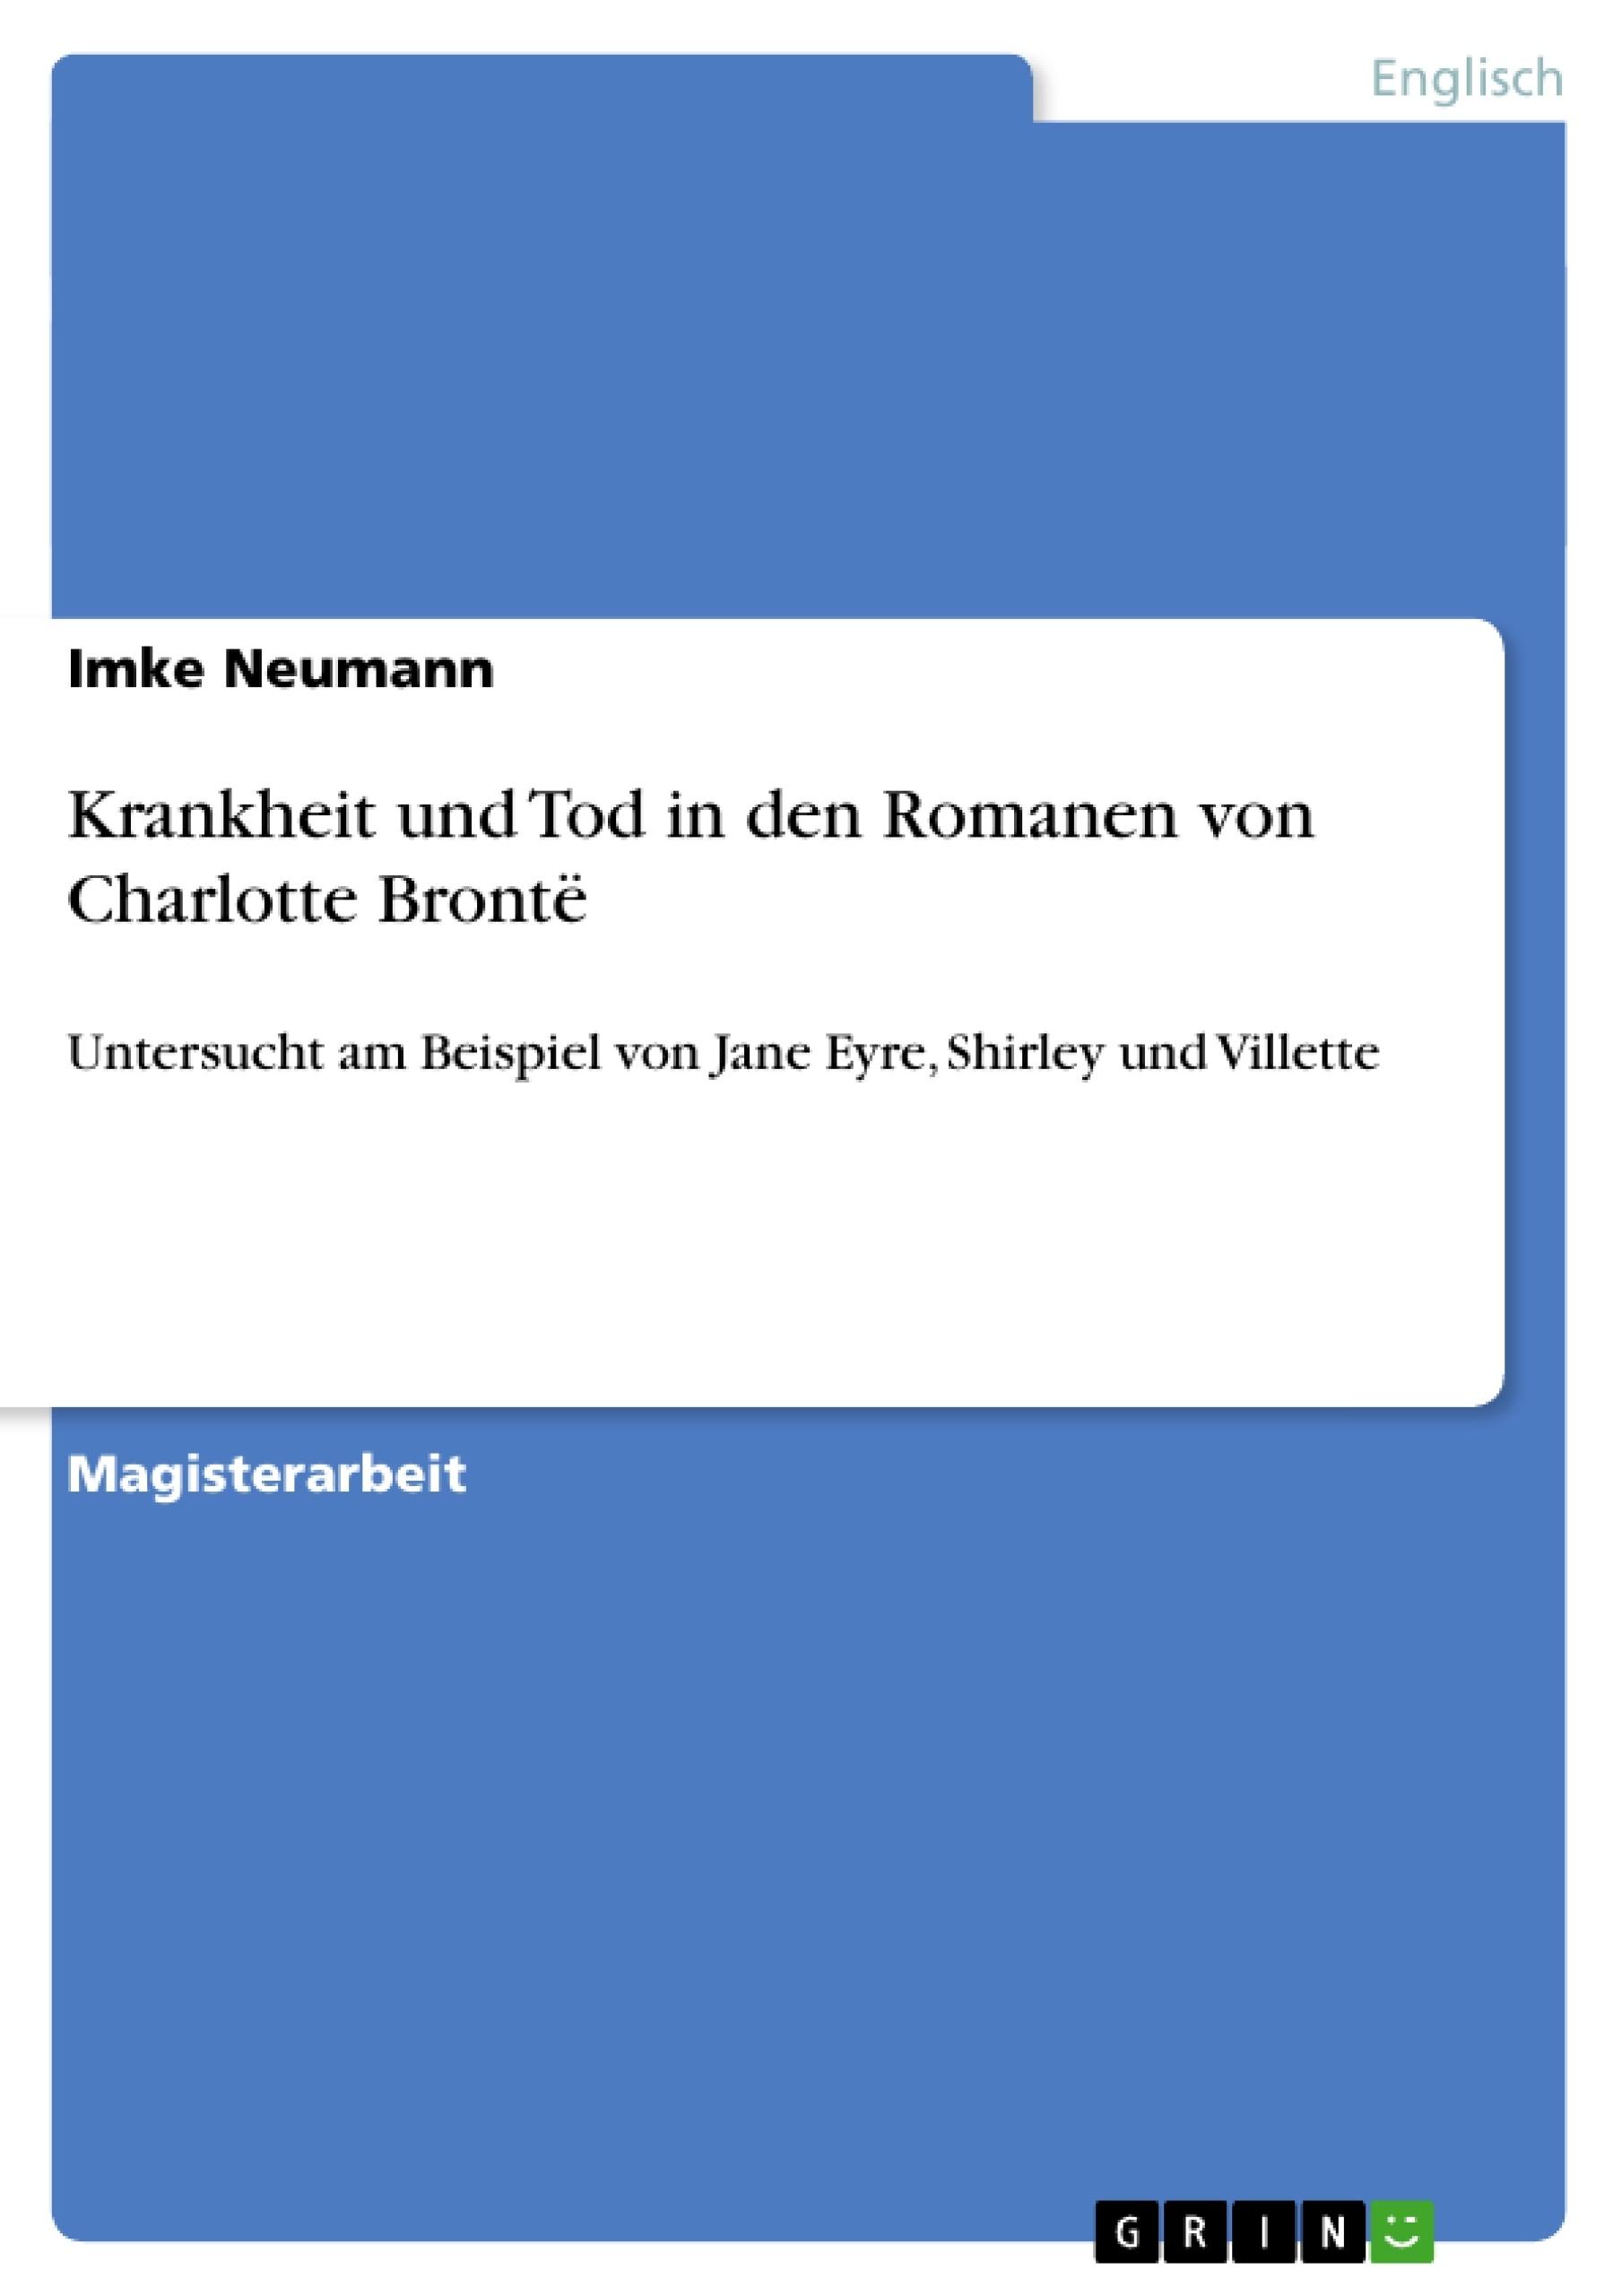 Titel: Krankheit und Tod in den Romanen von Charlotte Brontë